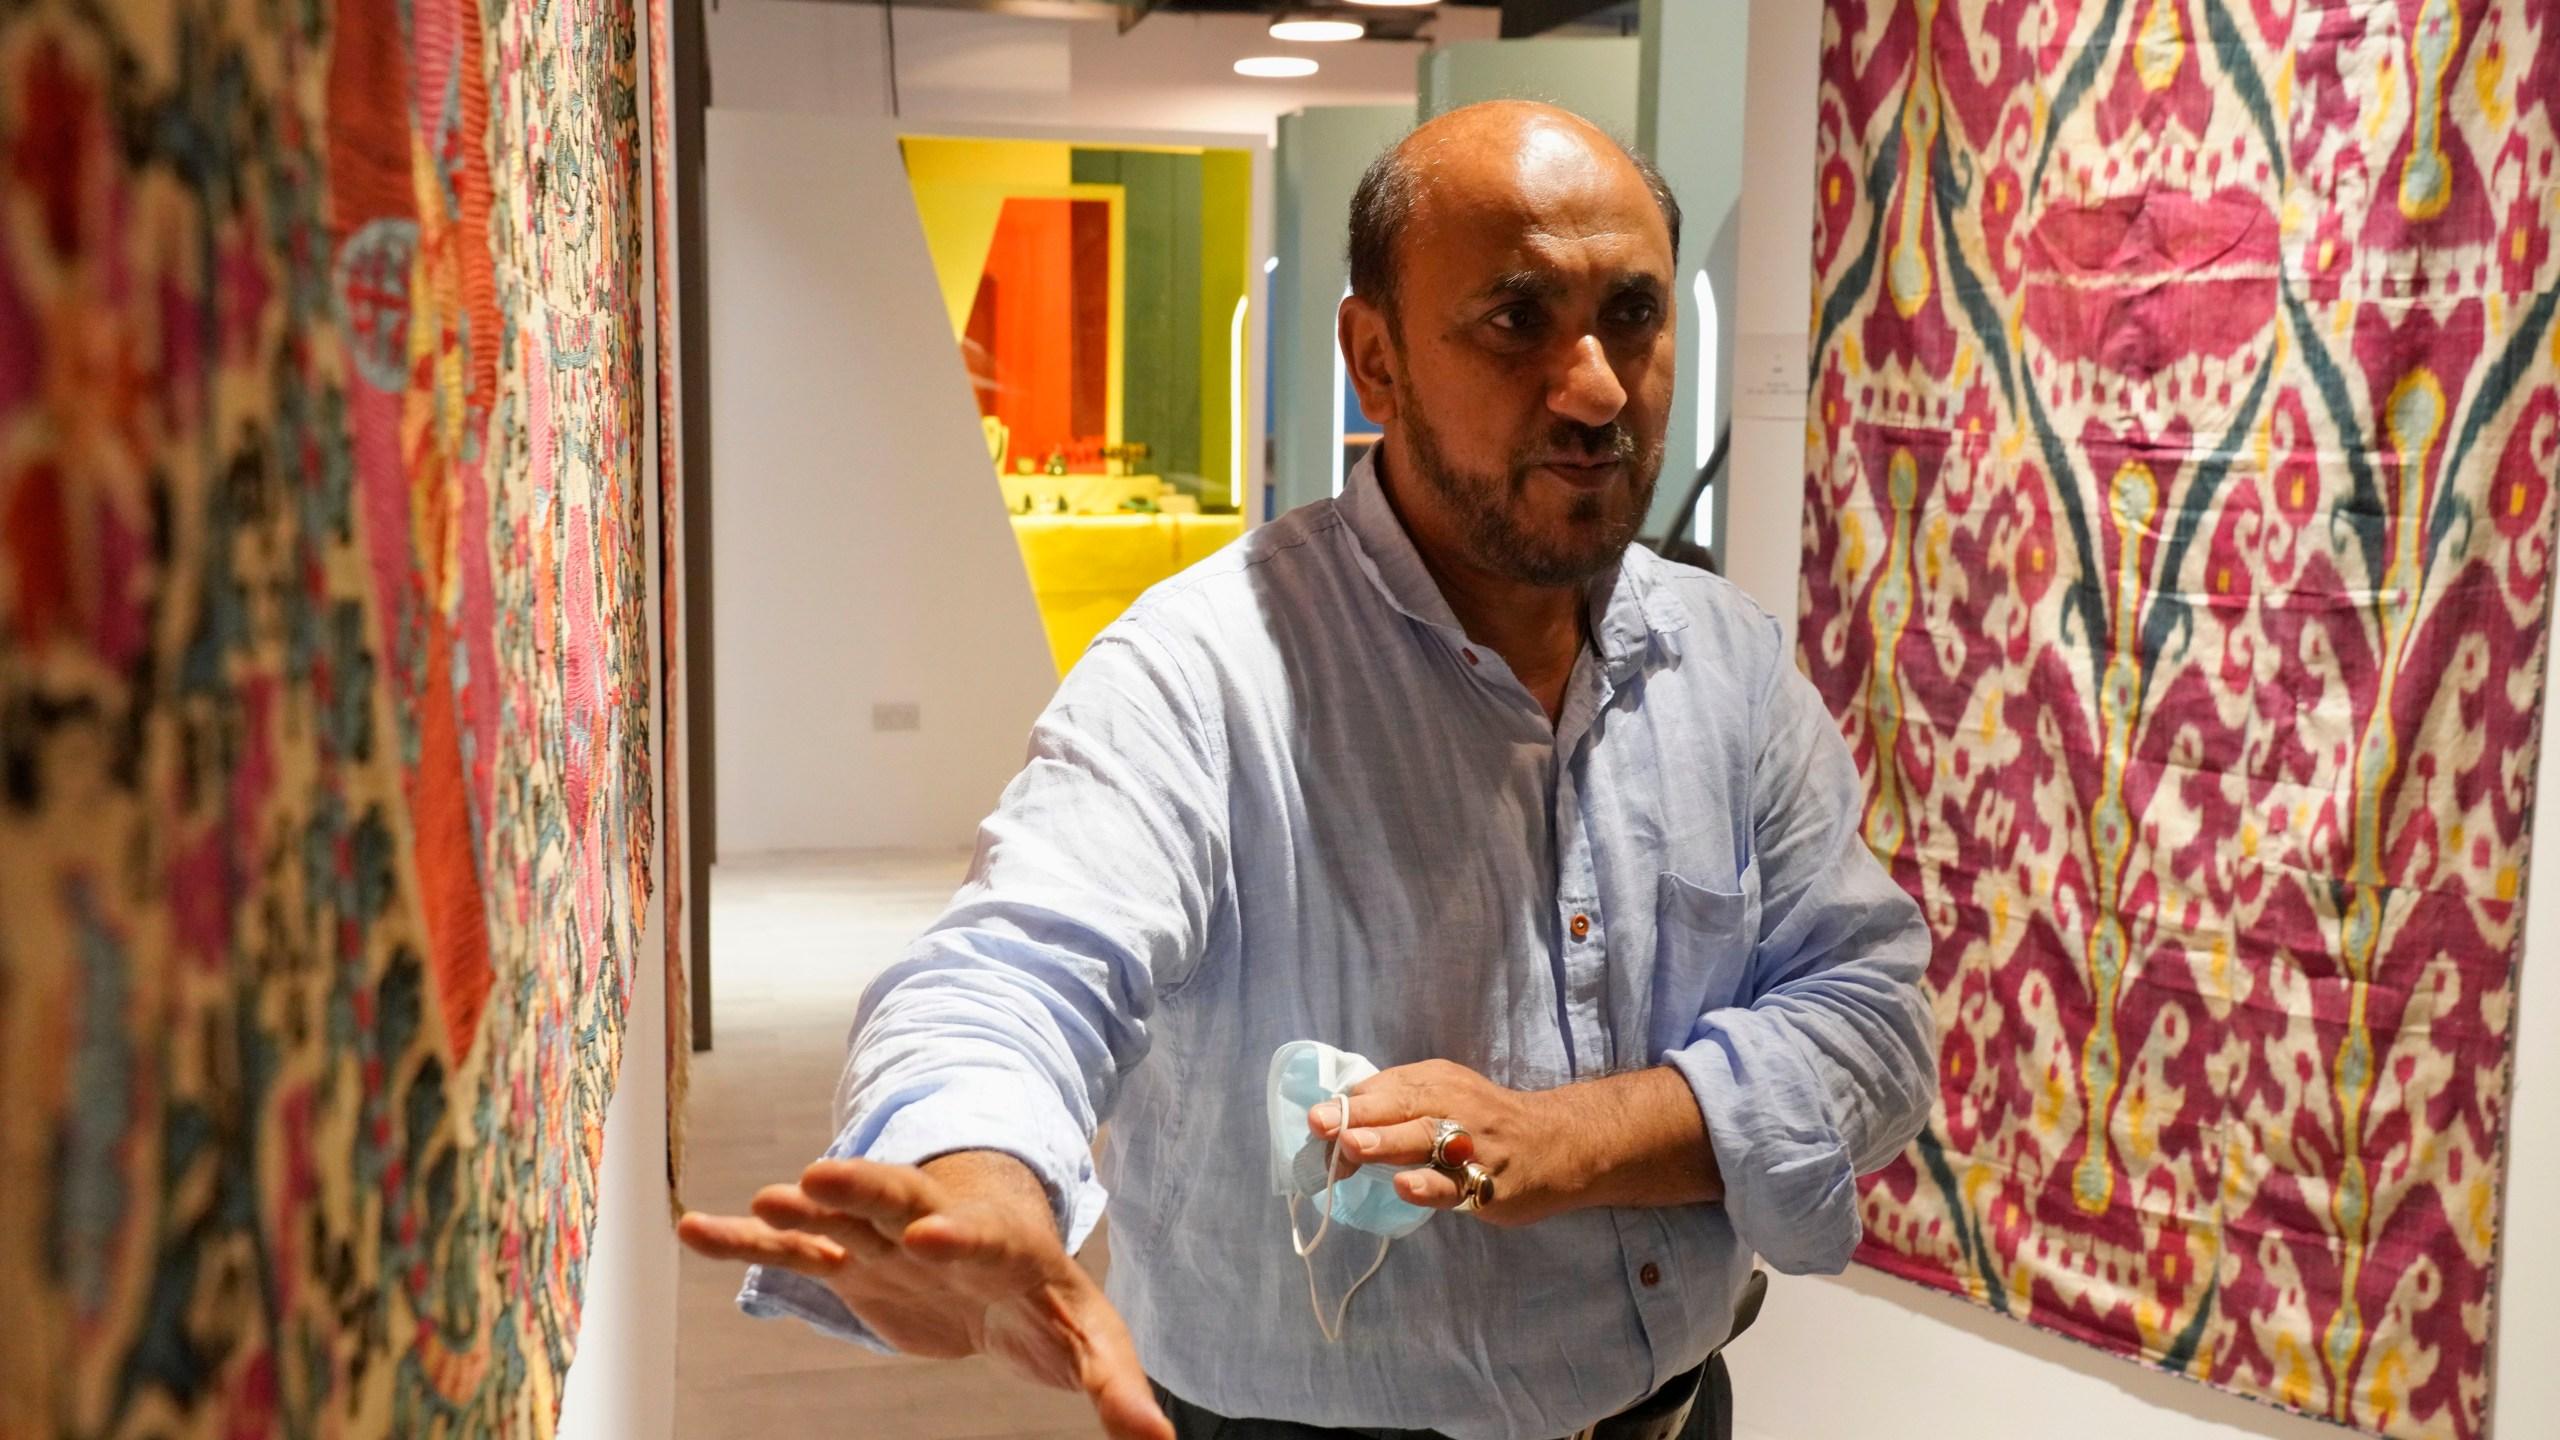 Mohammed Omer Rahimy